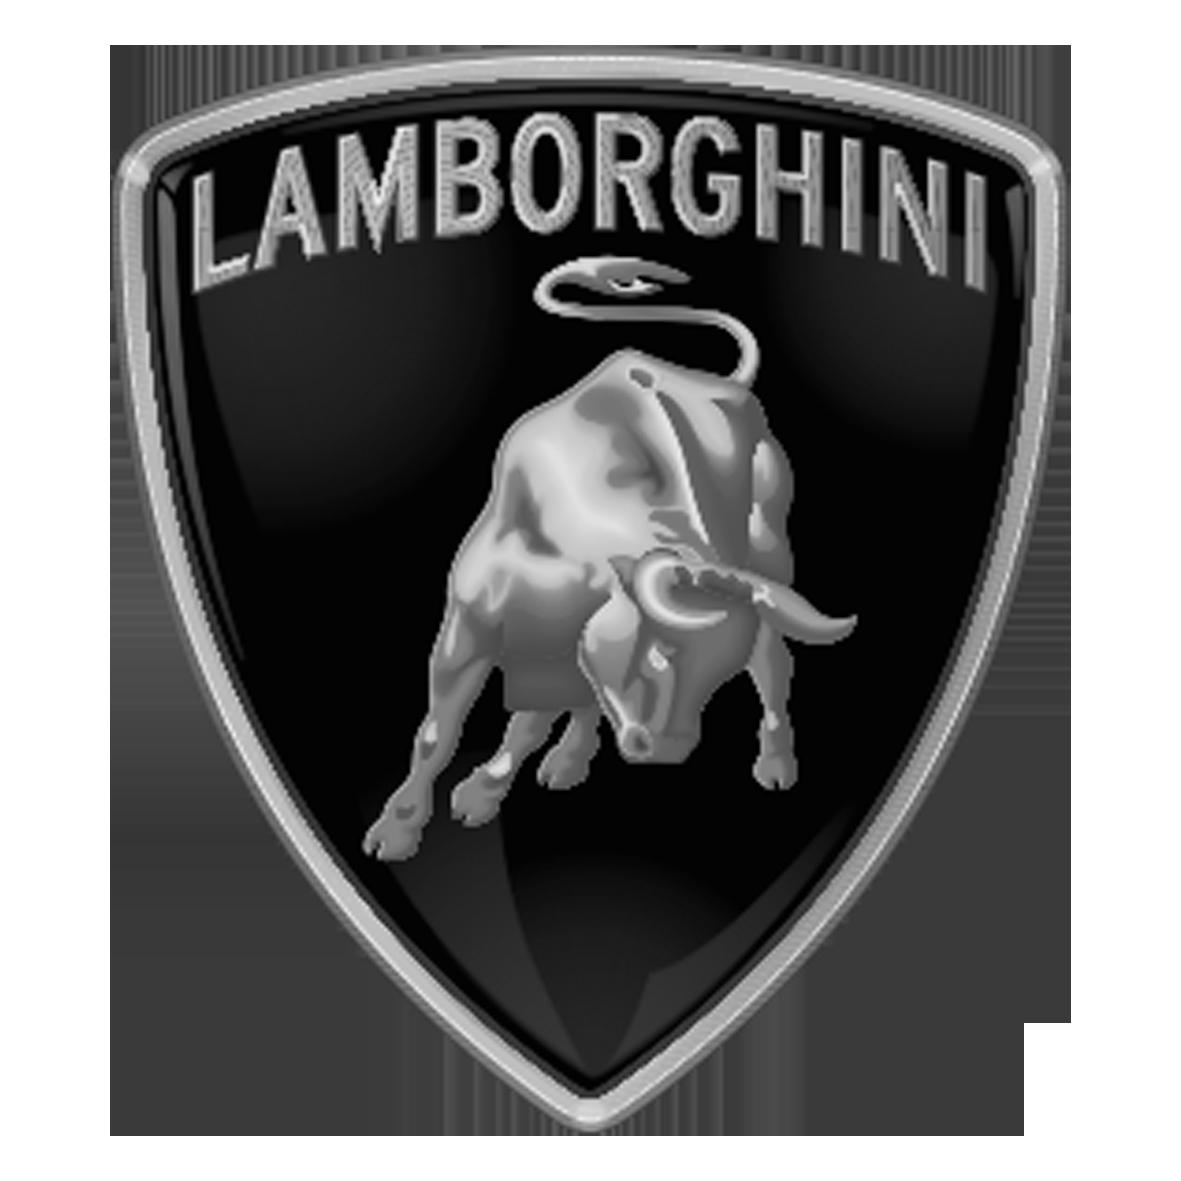 Lamborghini-bn